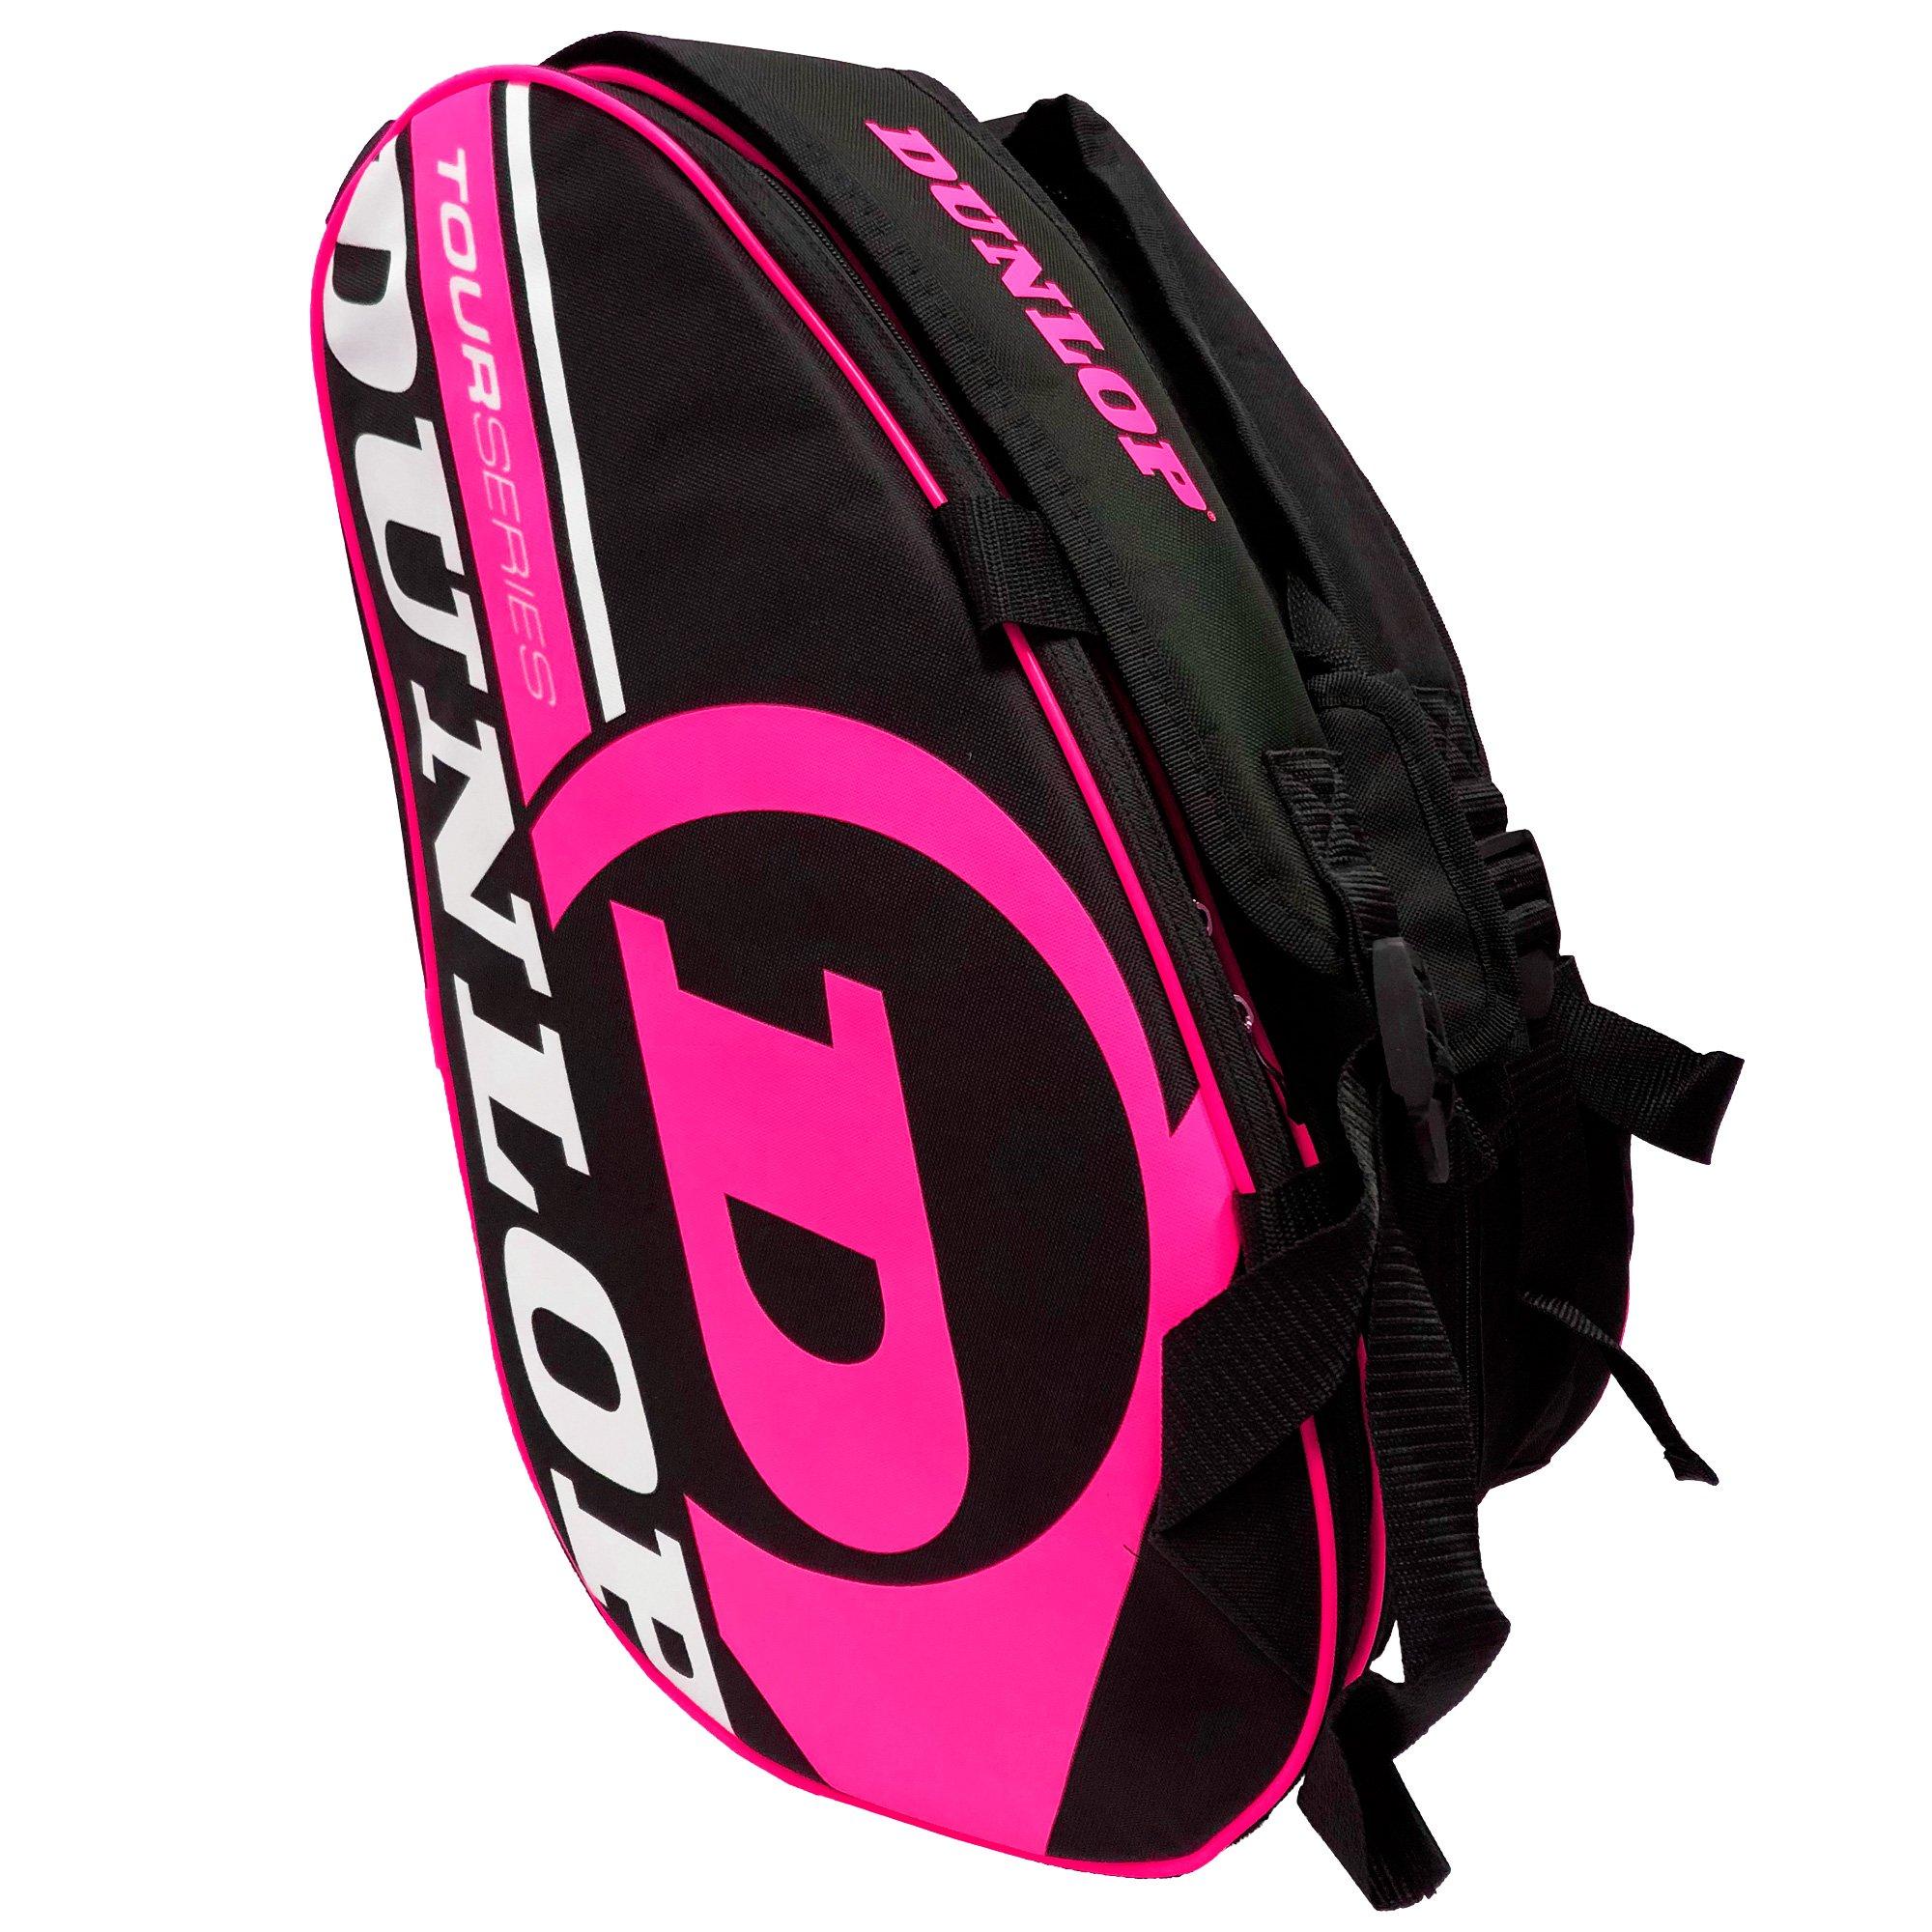 Paletero de pádel Dunlop Tour Intro Negro / Rosa Flúor product image